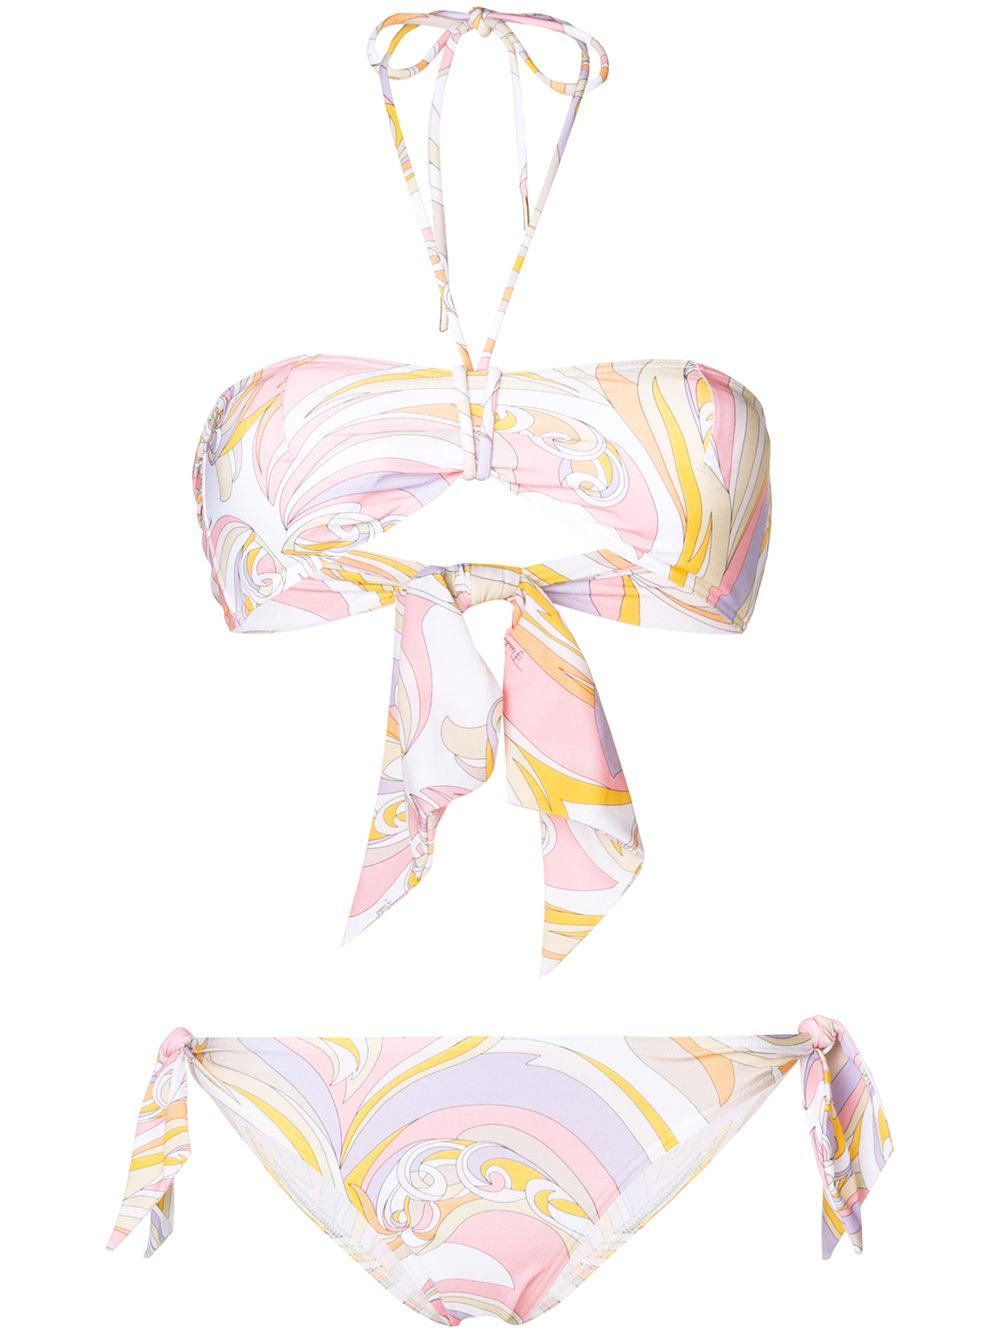 e7151f805d19 Emilio Pucci Printed Bandeau Bikini Set - White